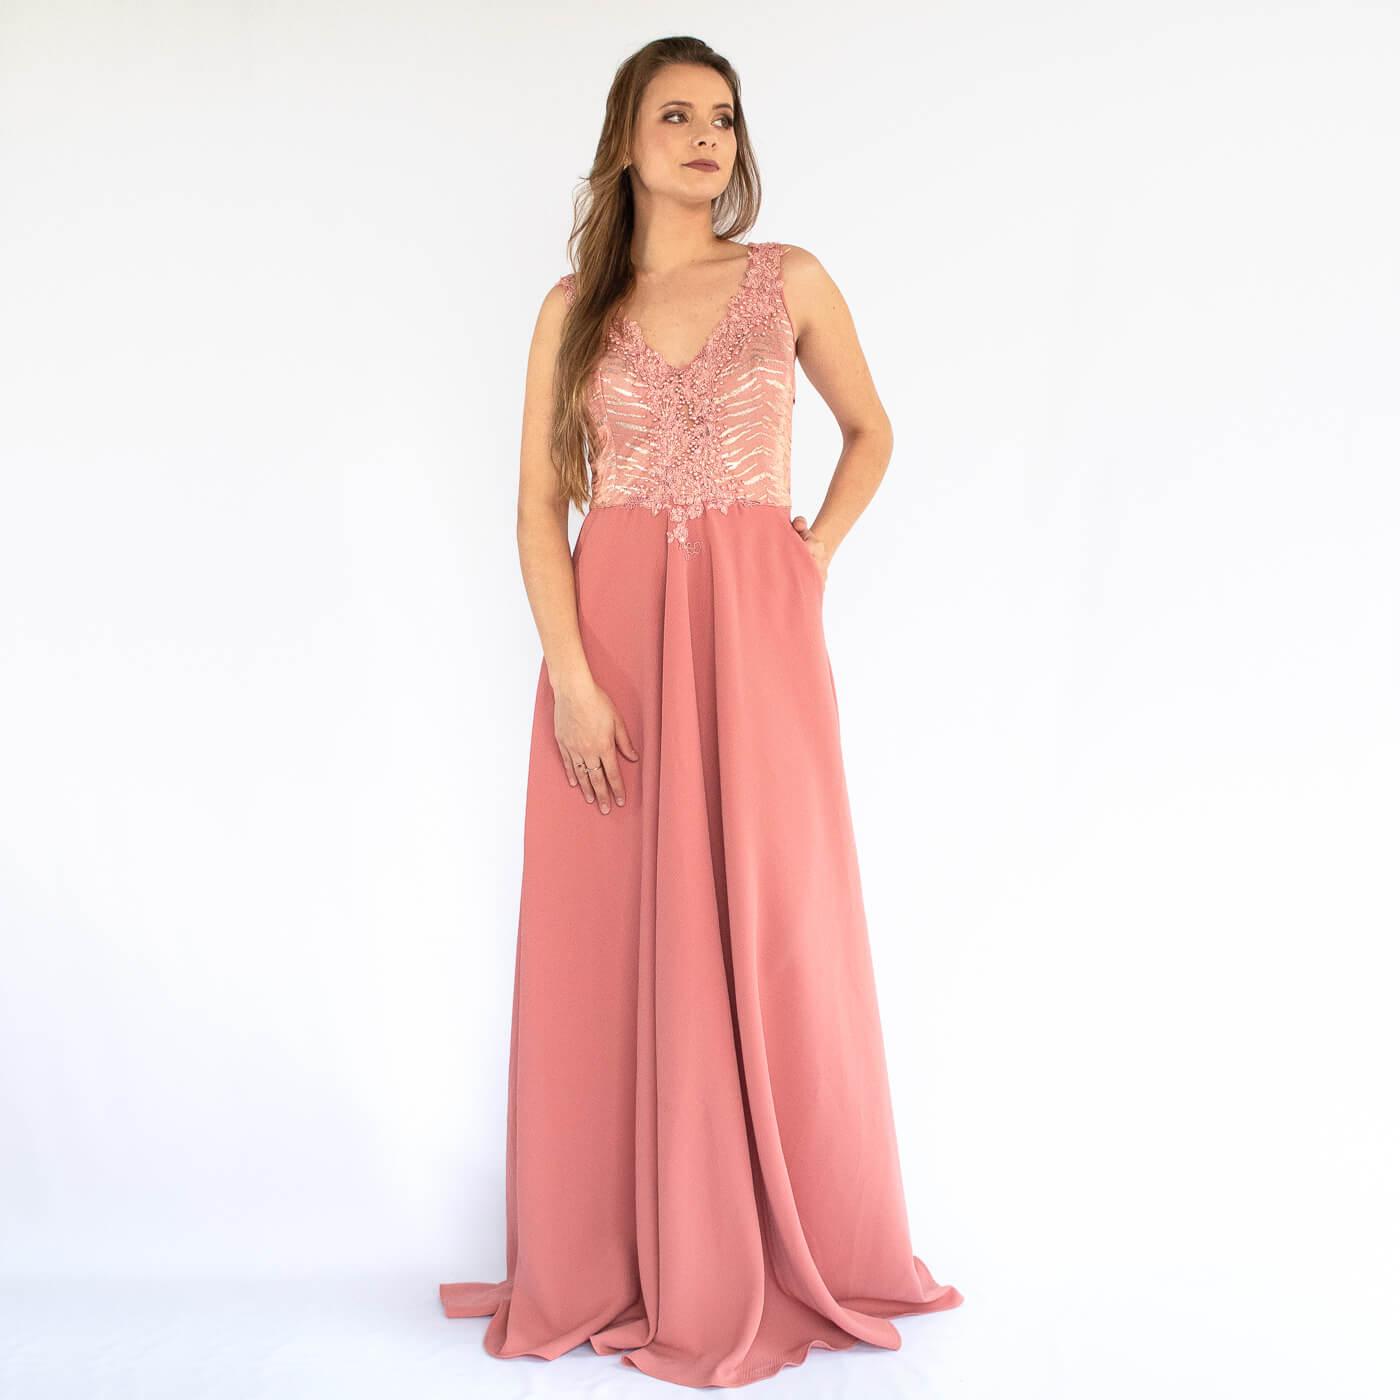 Vestido longo Lika com bolsos e detalhes em pedrarias e bordados